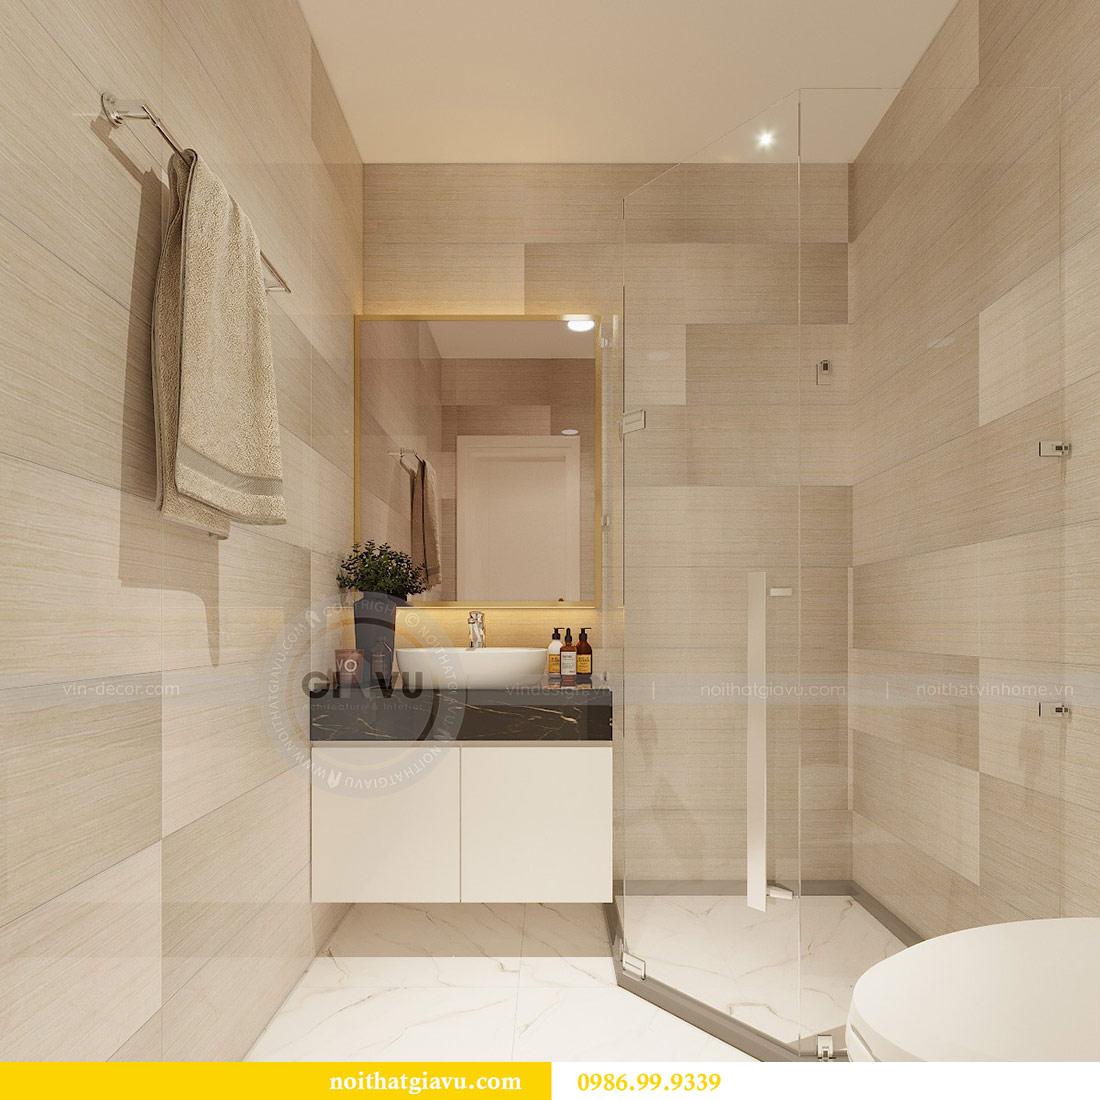 Thiết kế nội thất chung cư Mễ Trì tòa G1 căn 3 ngủ nhà chị Thu 8